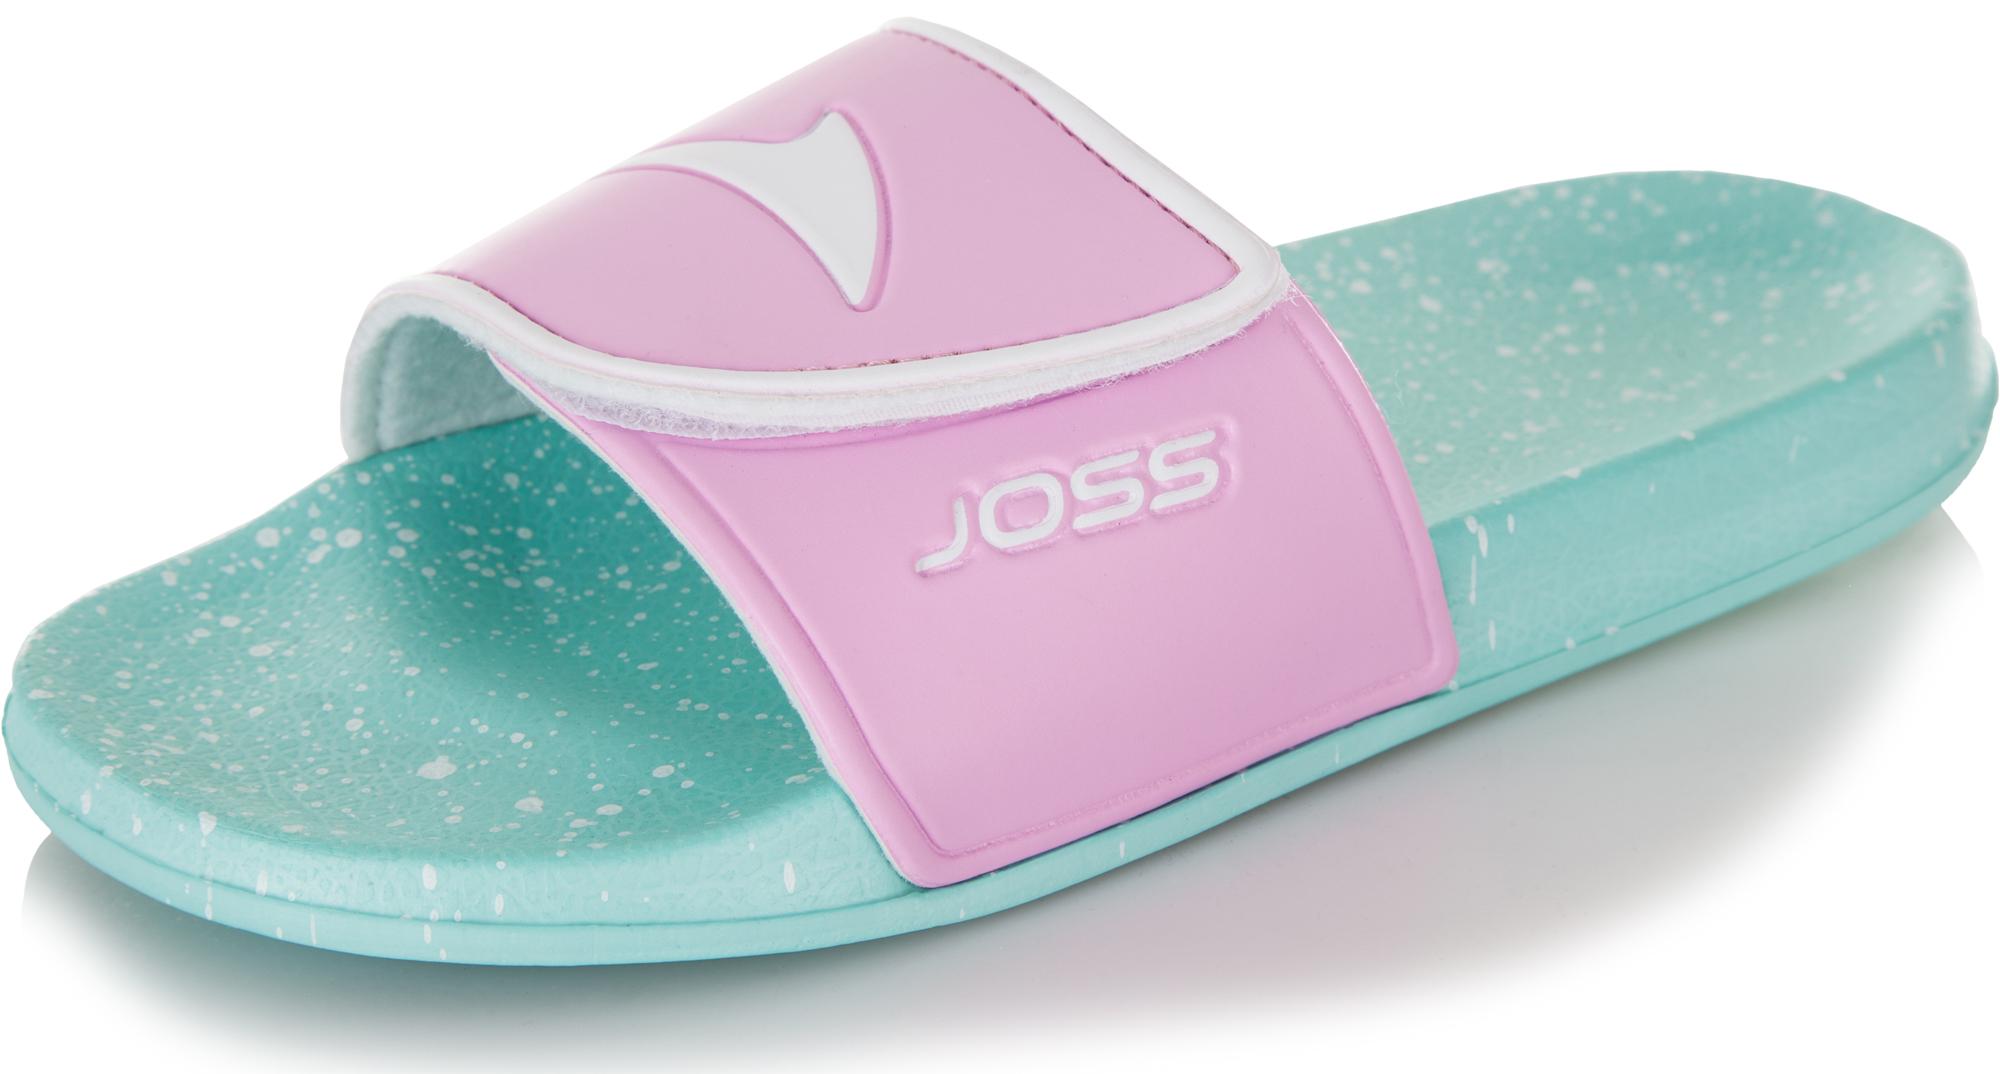 Joss Шлепанцы для девочек Joss Sunshine 2, размер 32